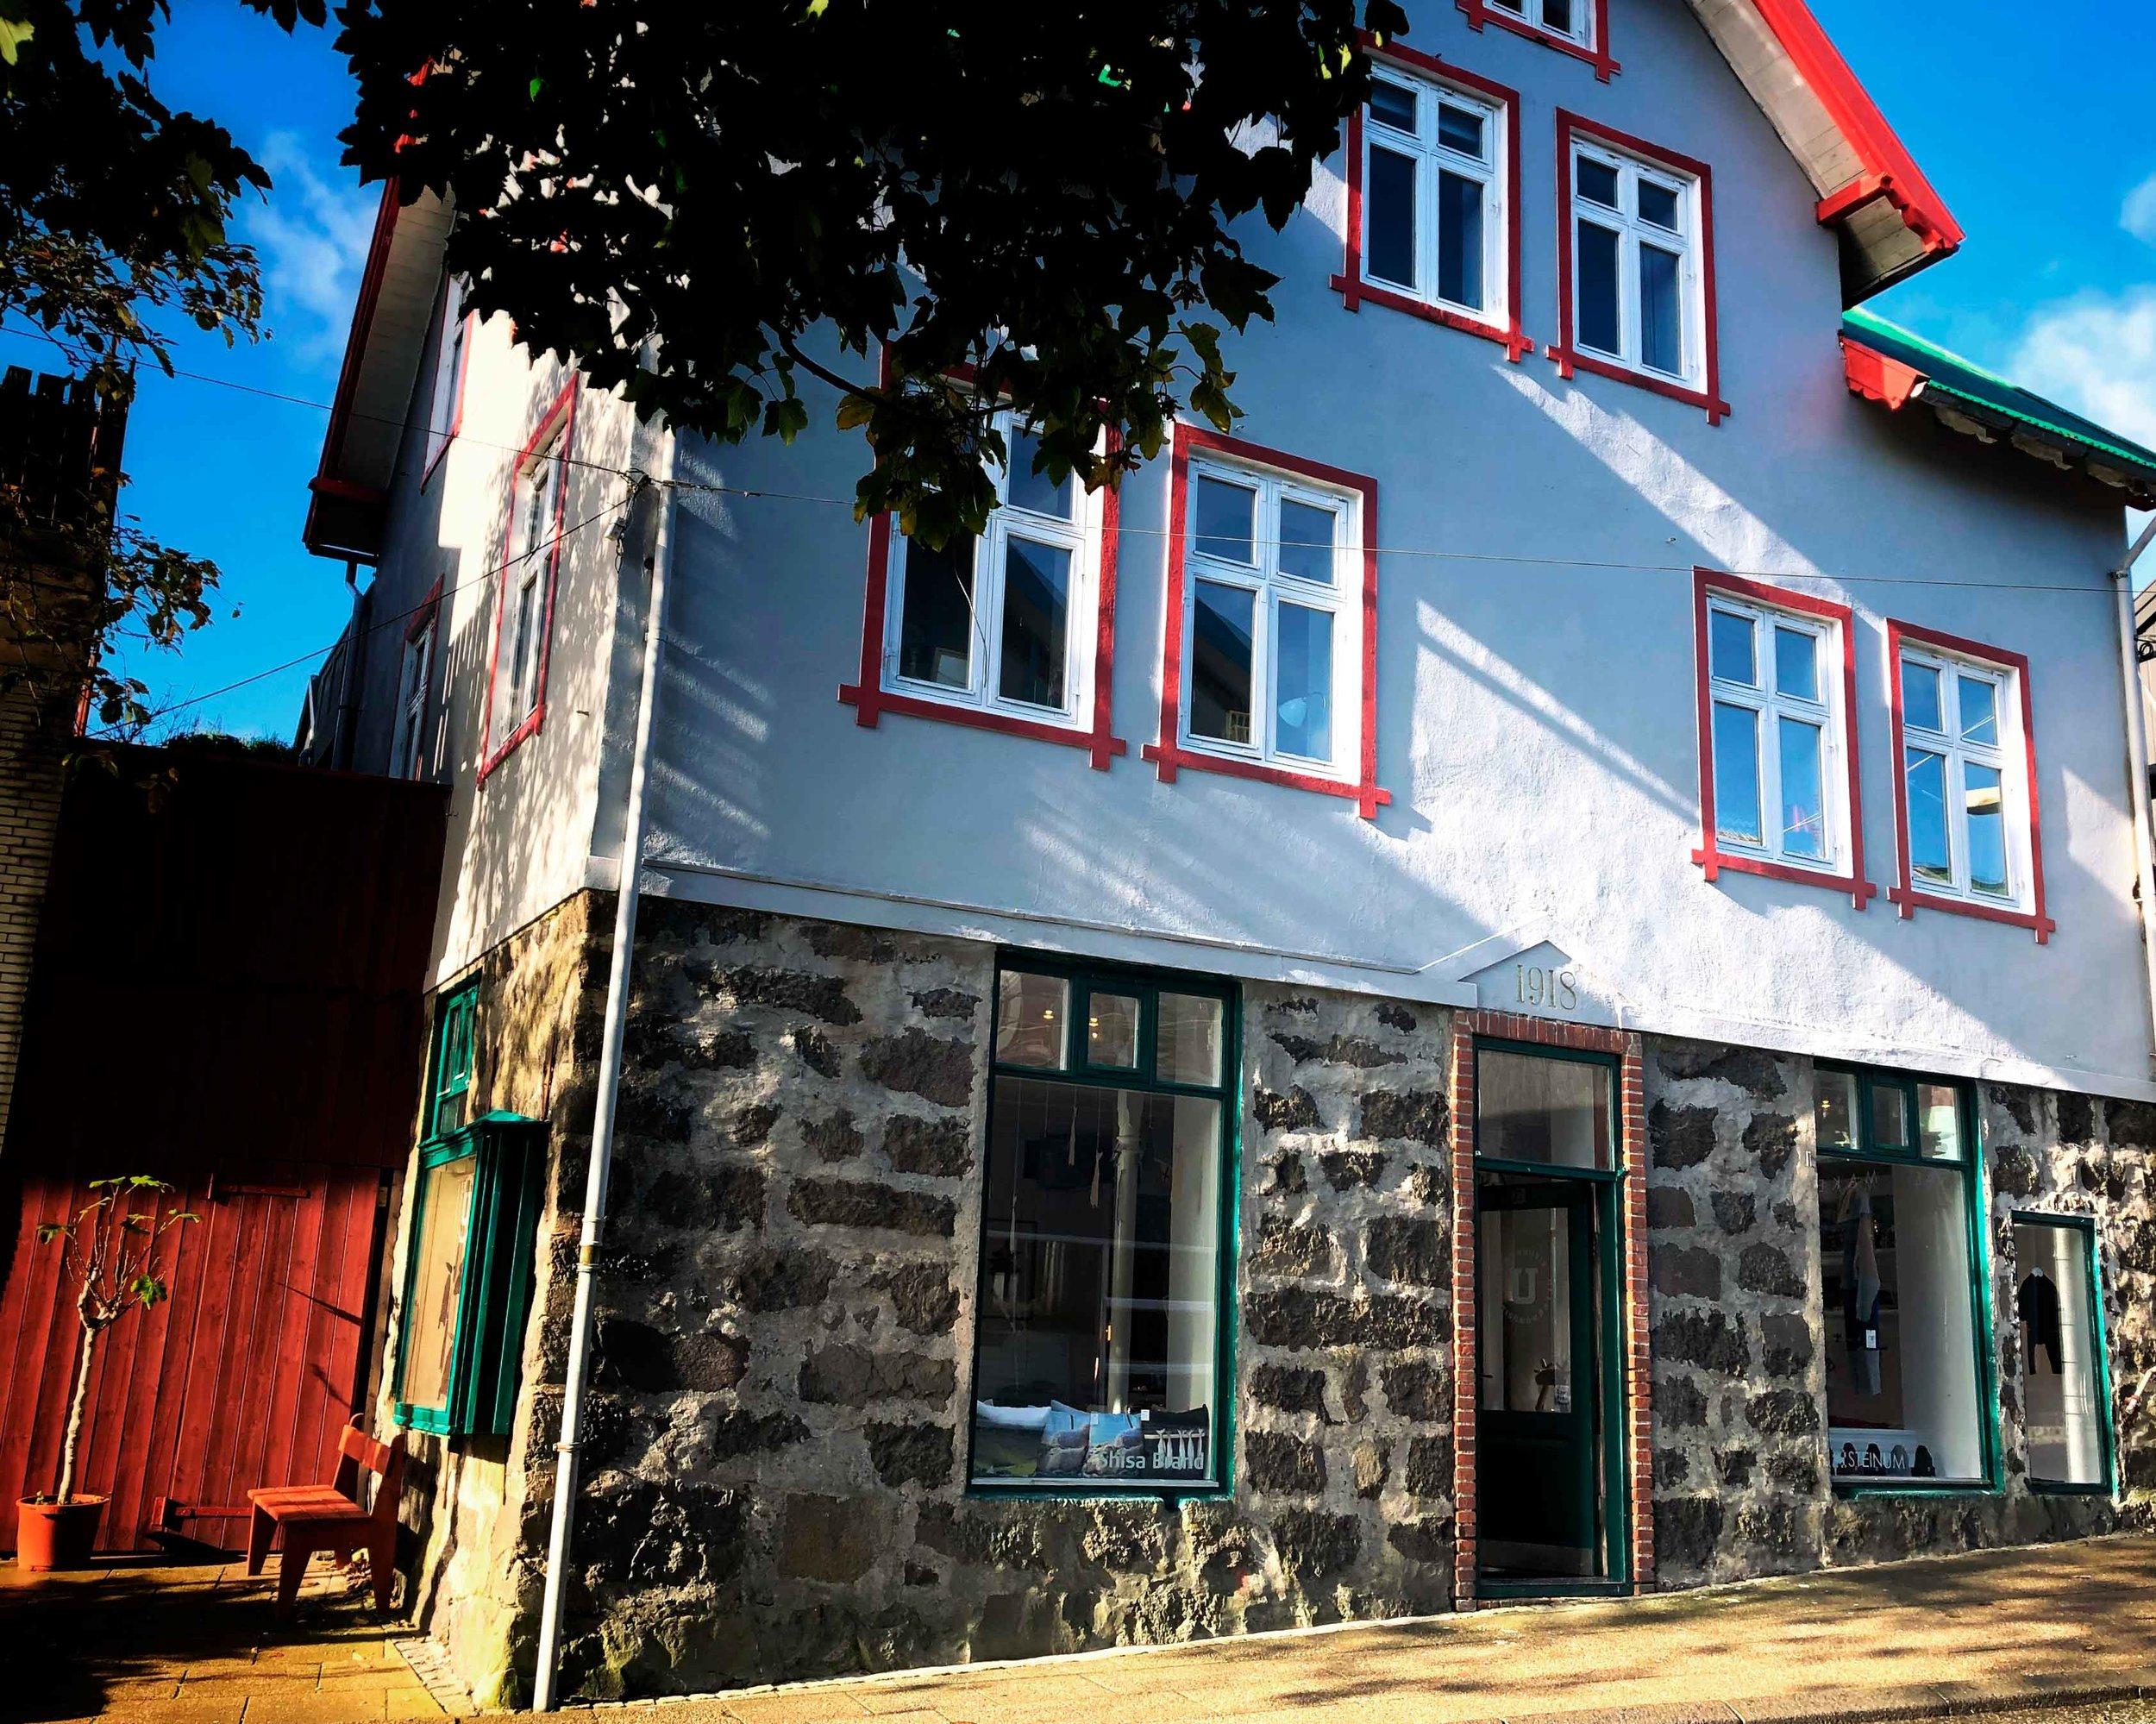 Ullvøruhúsið - Niels Finsensgøta 27100 TórshavnFaroe Islandstel: +298 21 15 60ullvoruhusid@gmail.comBrands: Shisa Brand & Steinum